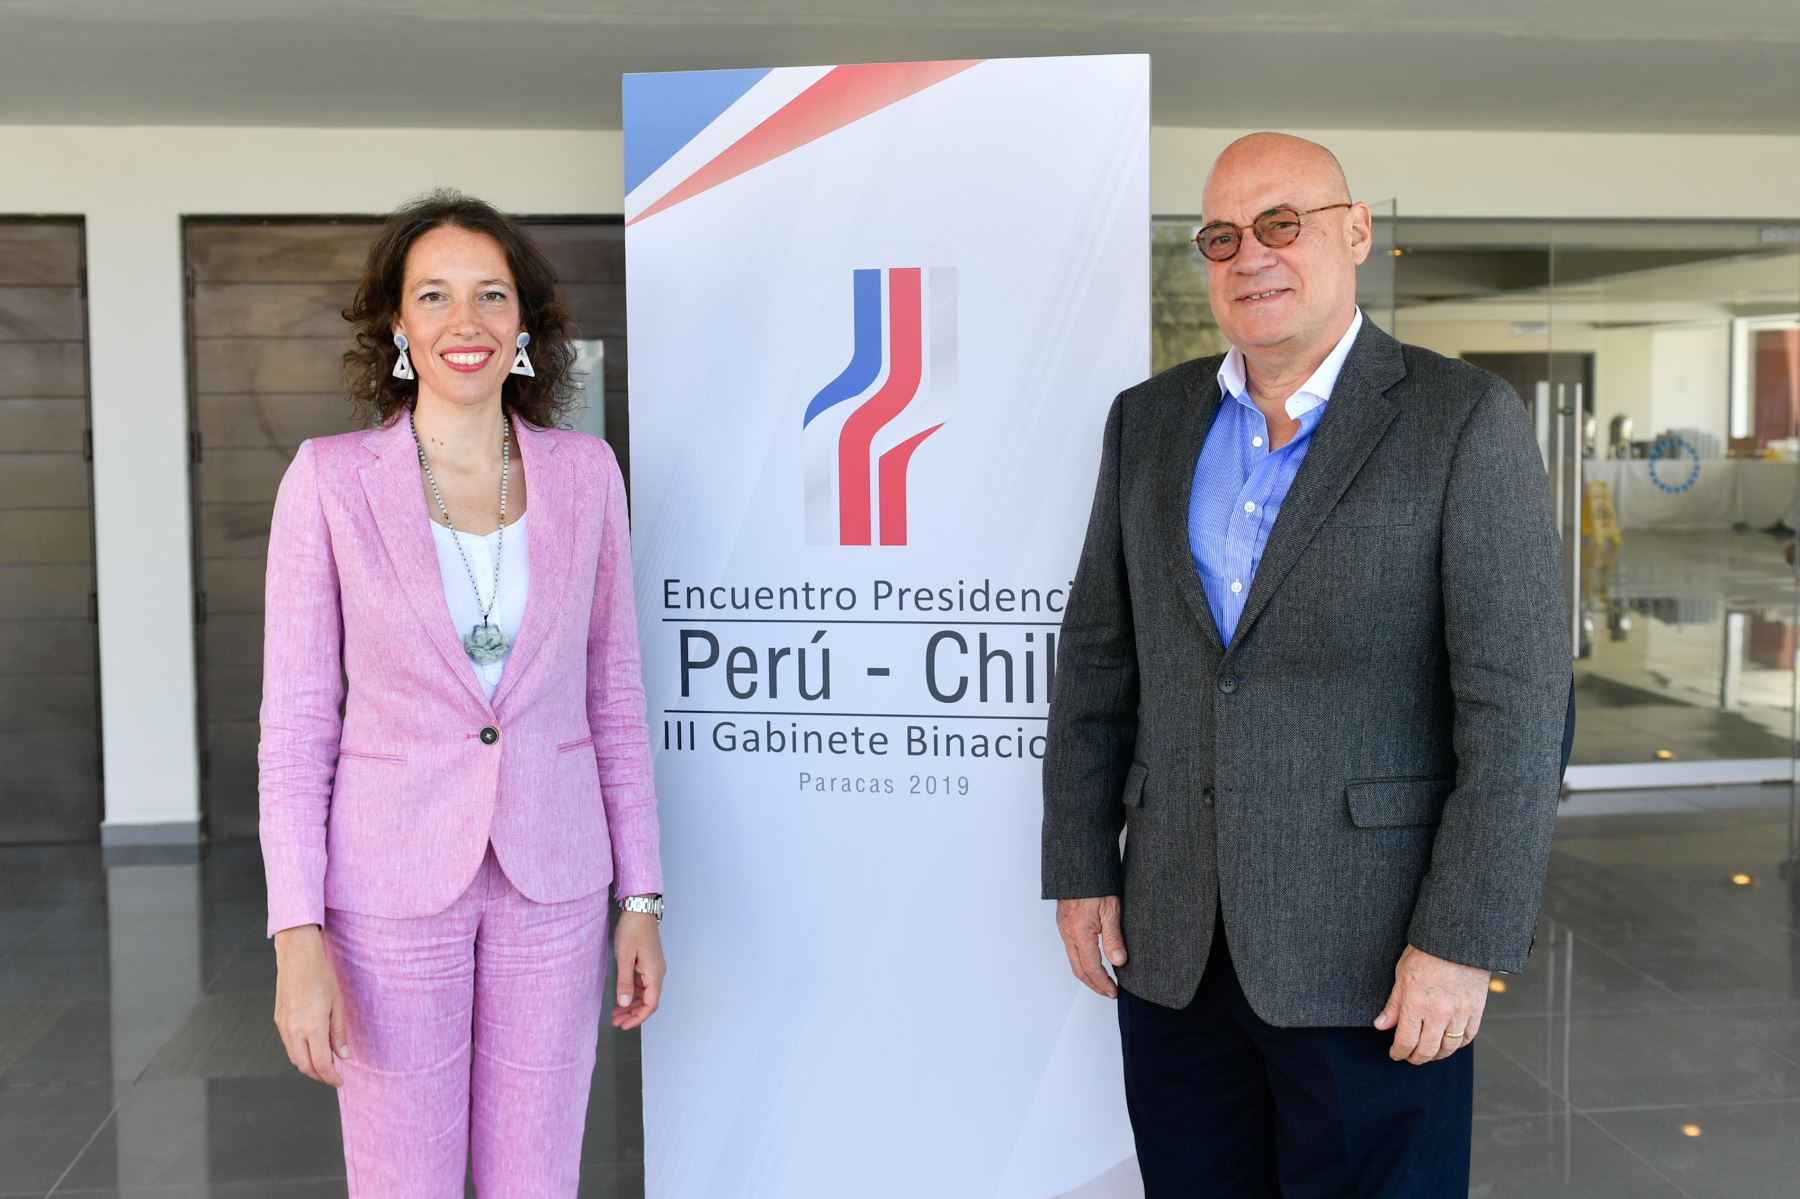 Vicecanciller Jaime Pomareda sostuvo reunión de trabajo con su par de Chile  Carolina Valdivia en el marco de la preparacion del   Encuentro Presidencial y III gabinete Binacional Perú -Chile, en Paracas. Foto: ANDINA/MRE